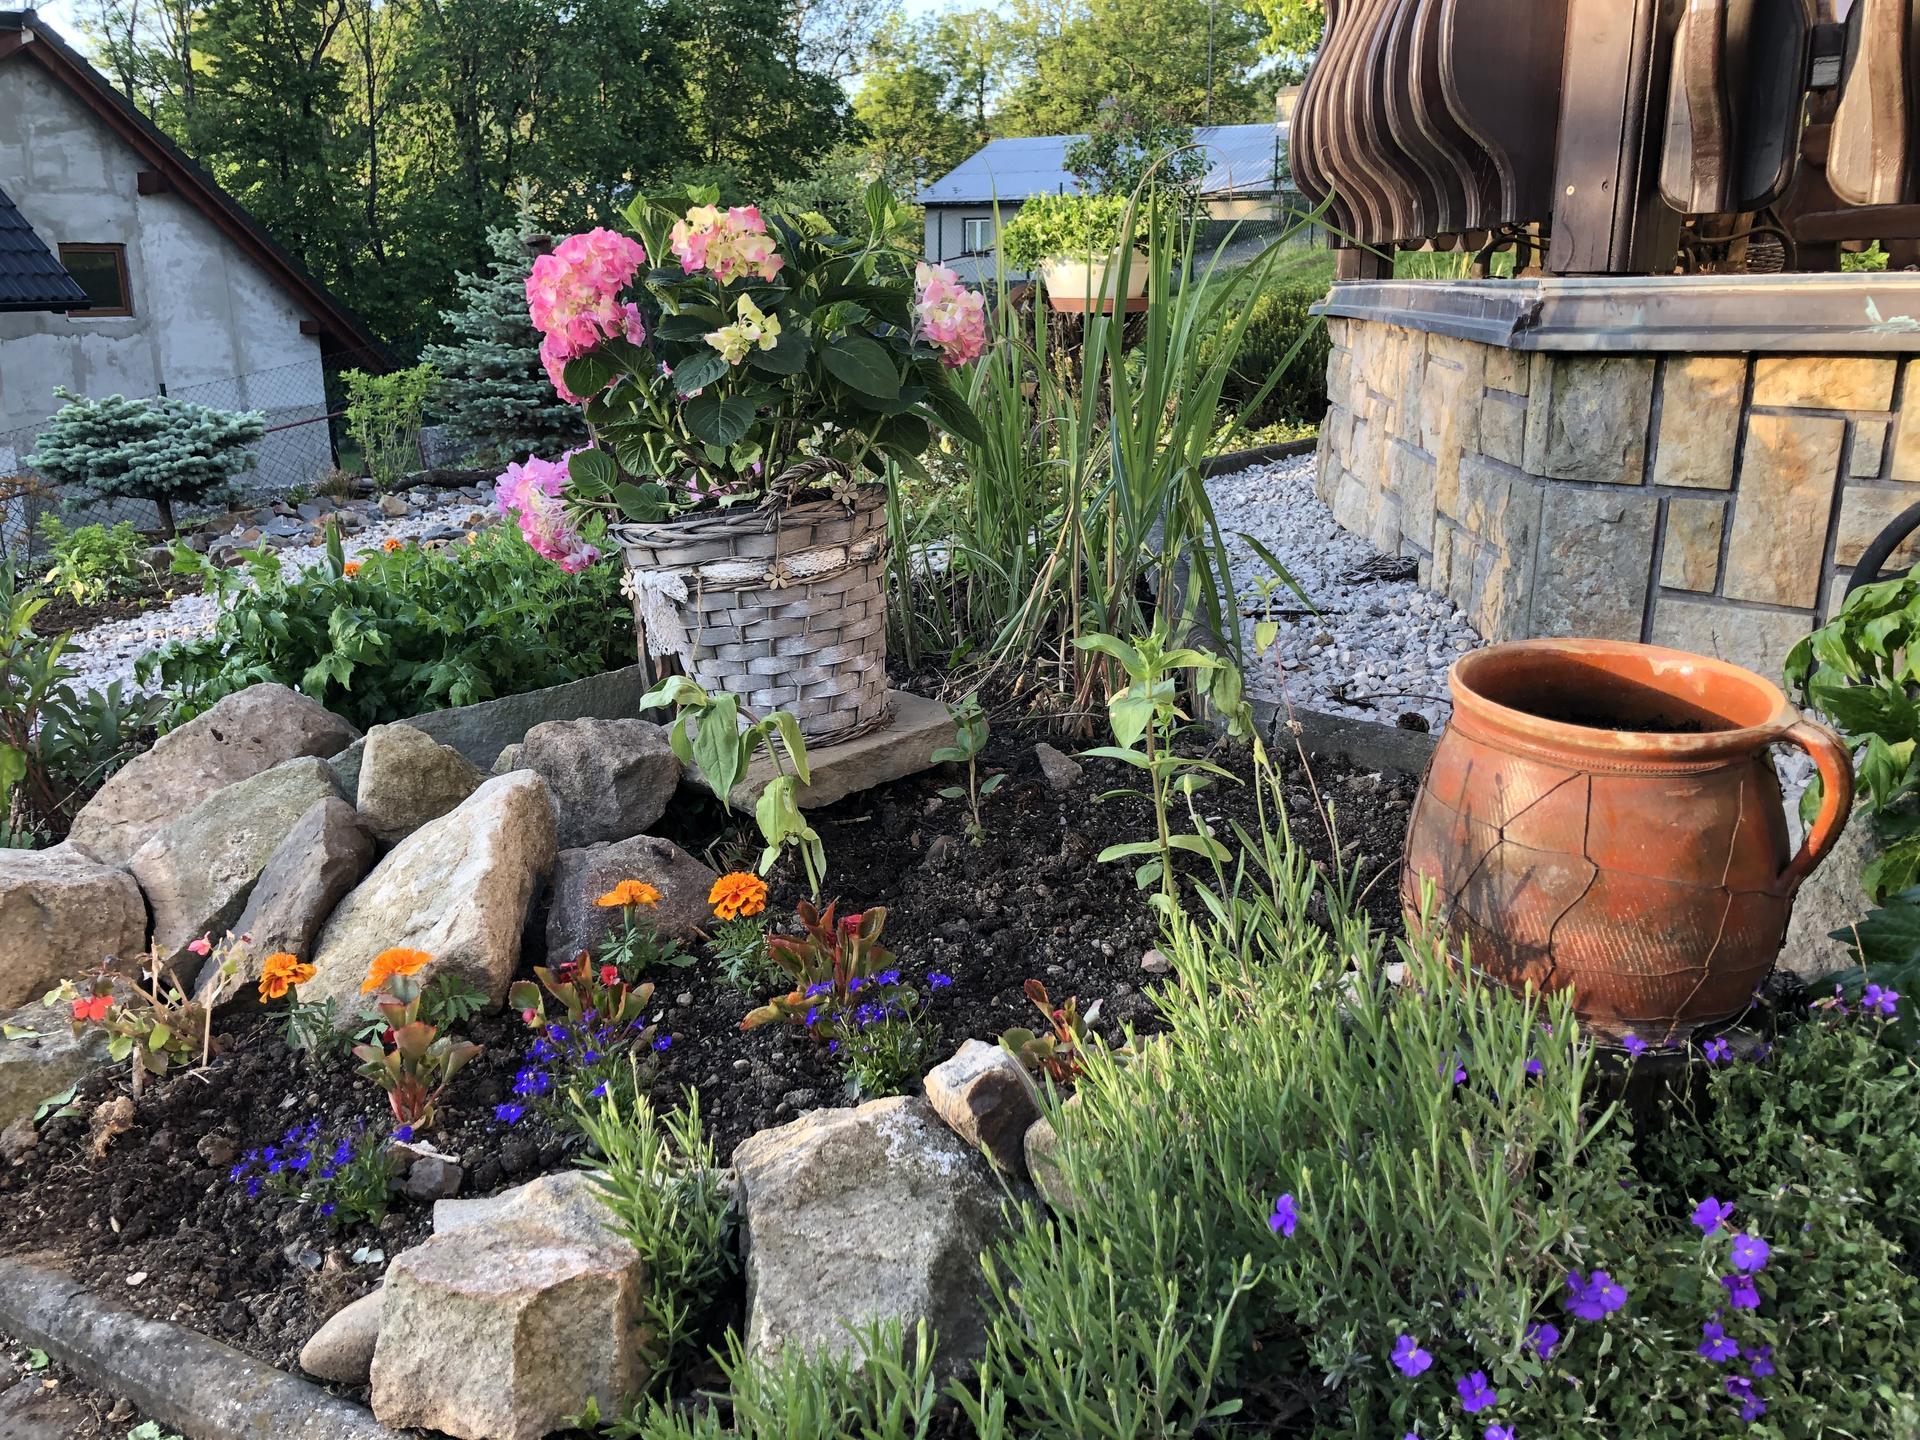 U nás doma a na zahradě 2020 - Obrázek č. 73